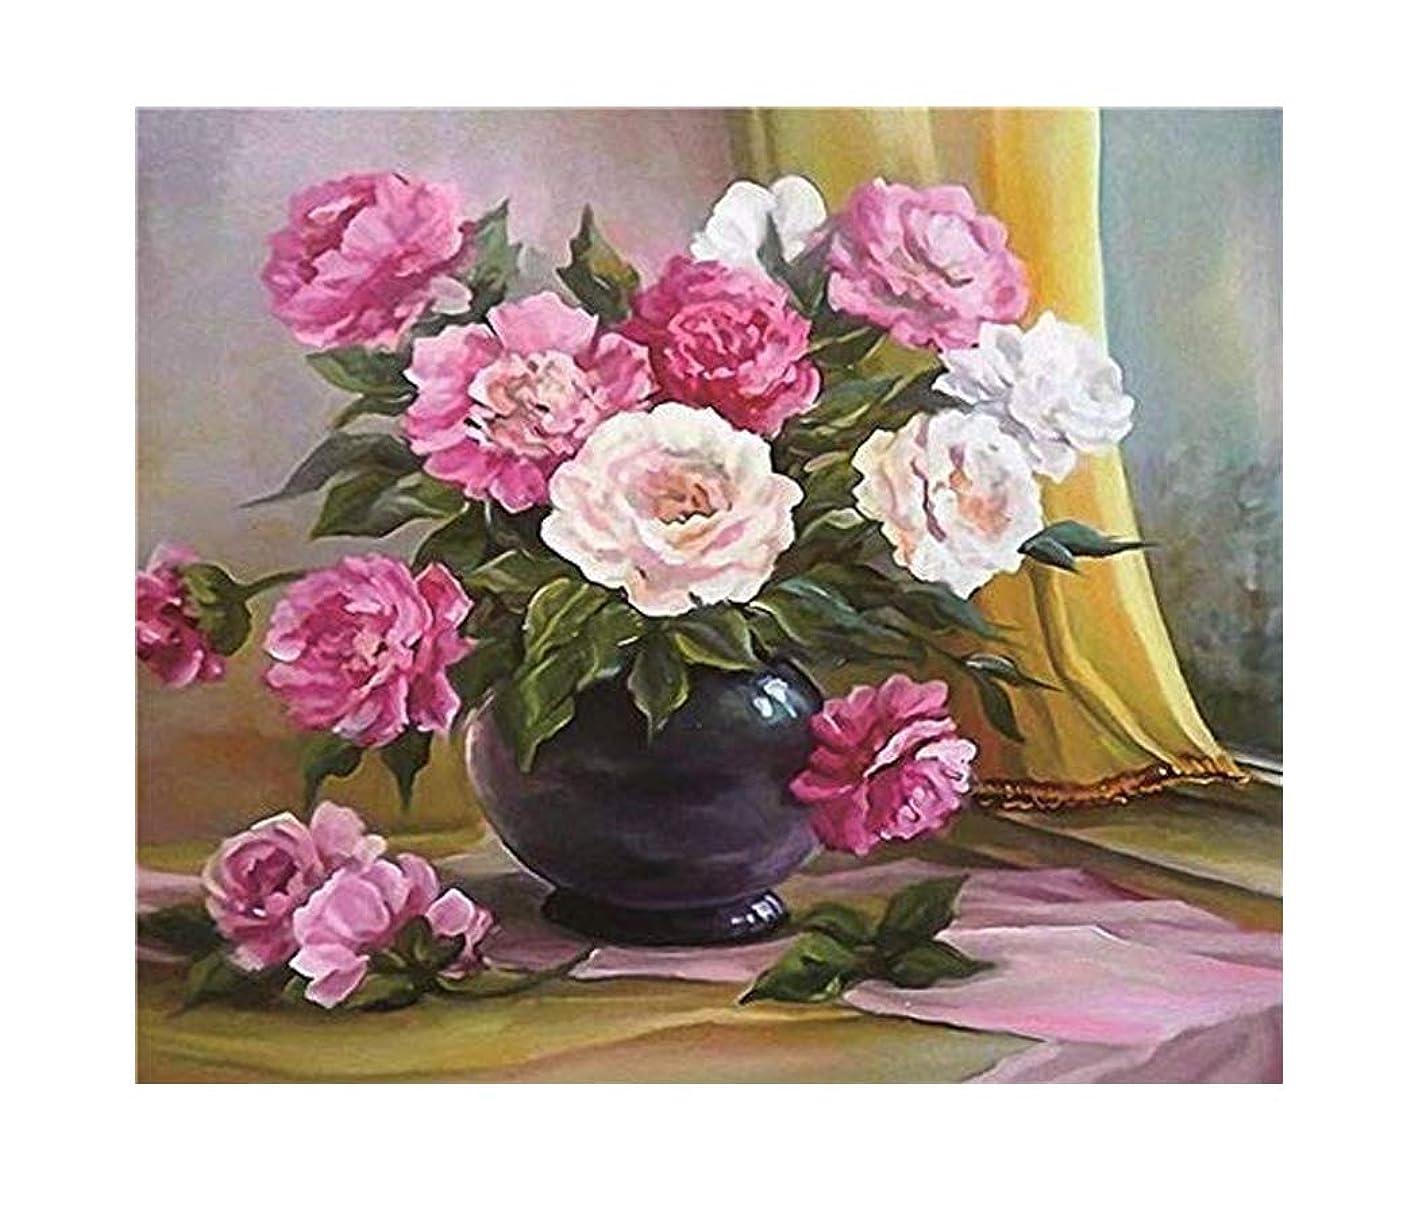 GMMH Diamond Photo 40?x 50?Diamond Painting Embroidery Painting Handmade Craft Mosaic Peonies Flower Basket